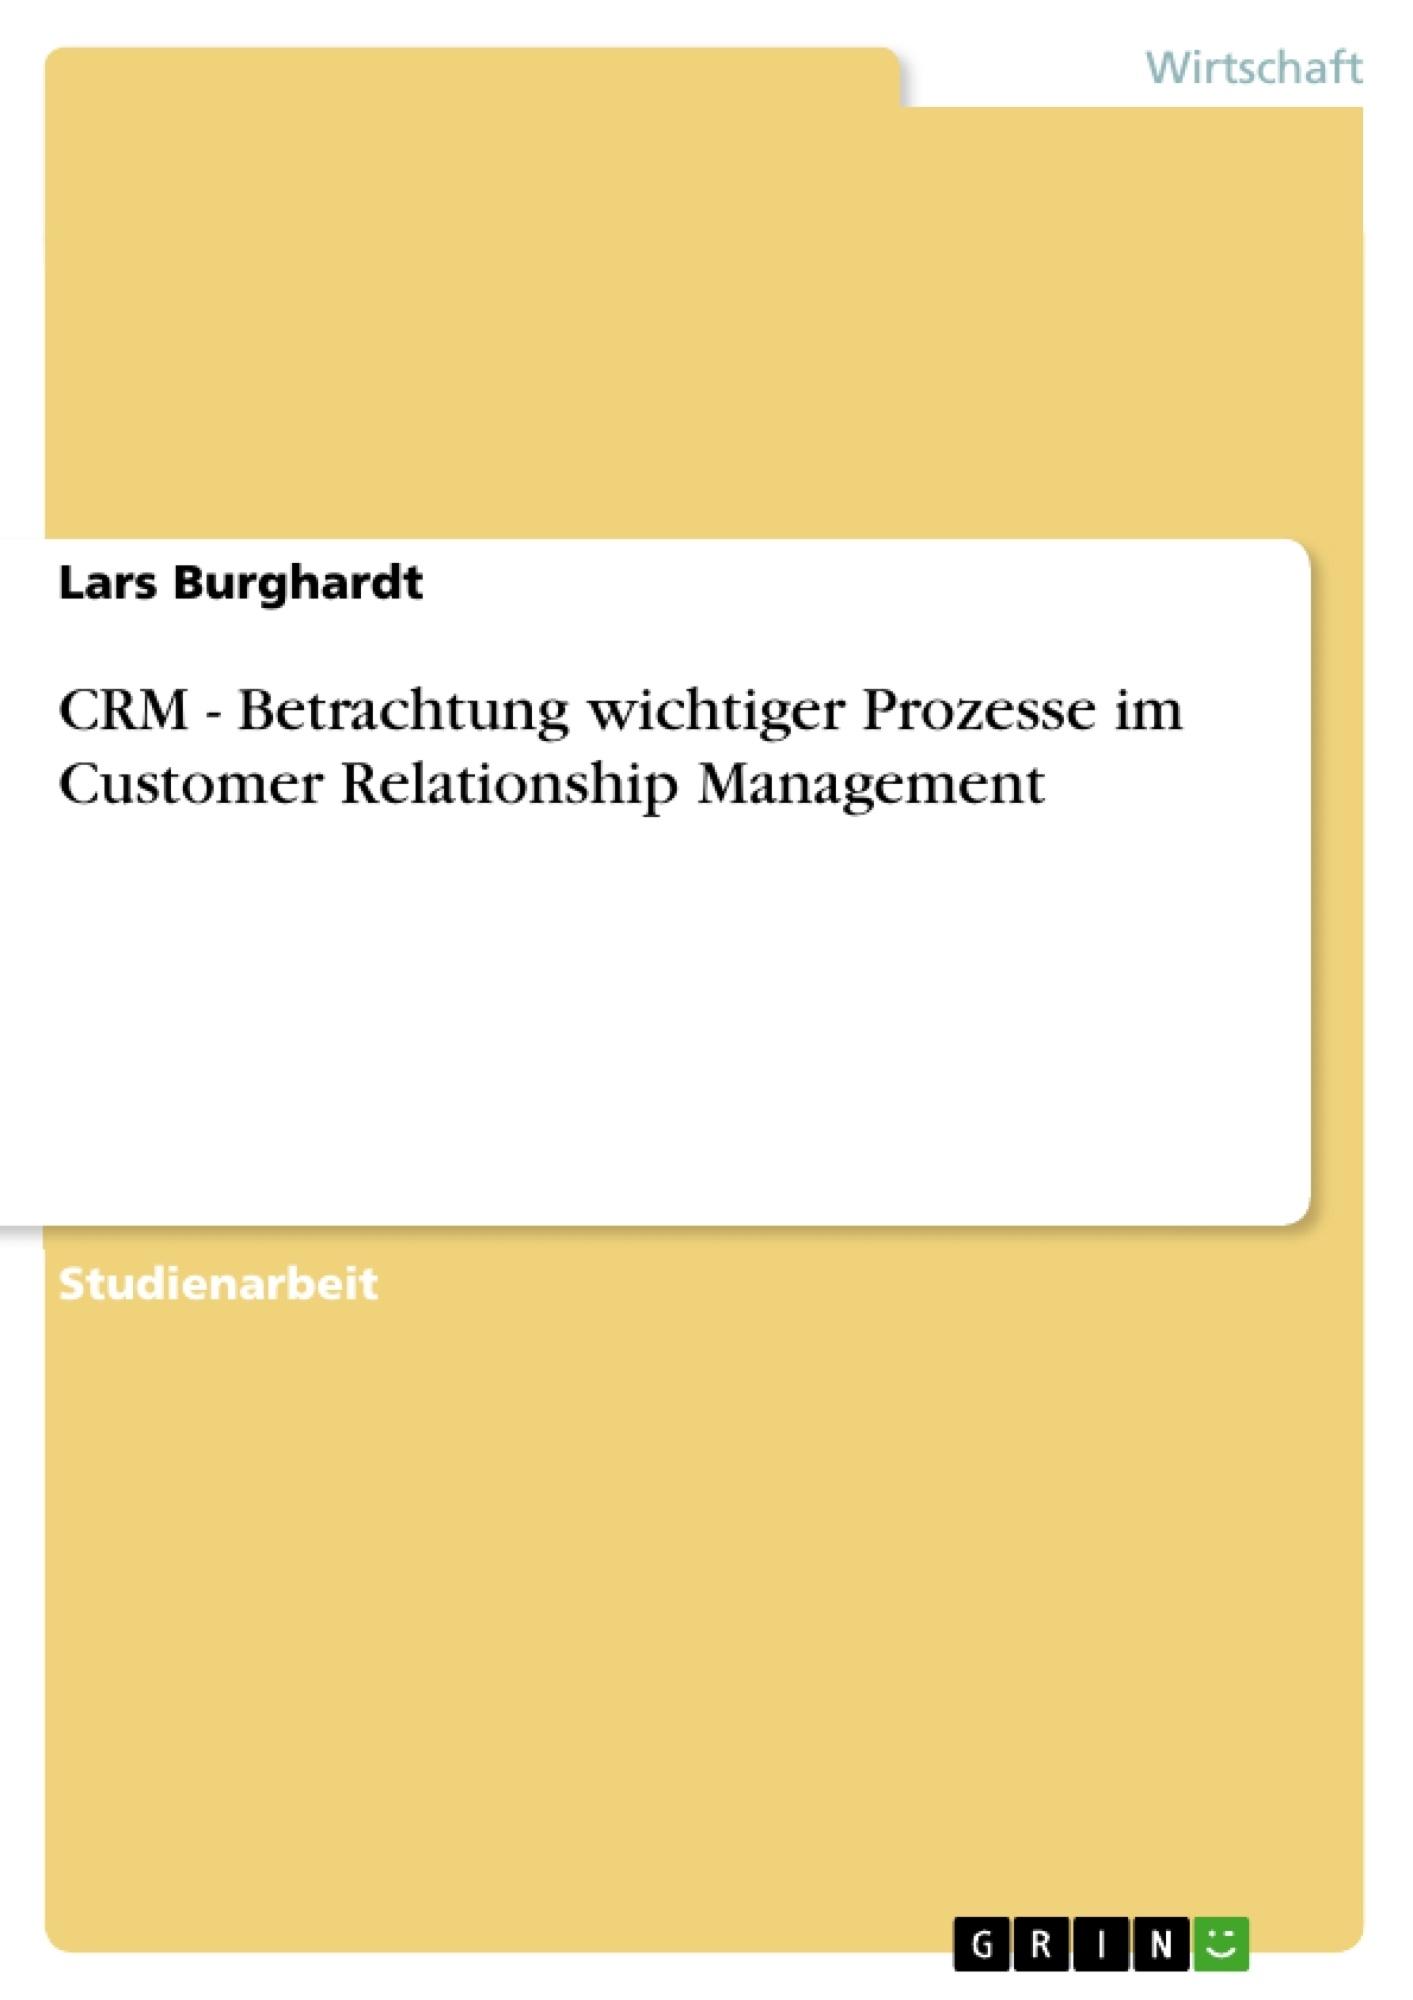 Titel: CRM - Betrachtung wichtiger Prozesse im Customer Relationship Management